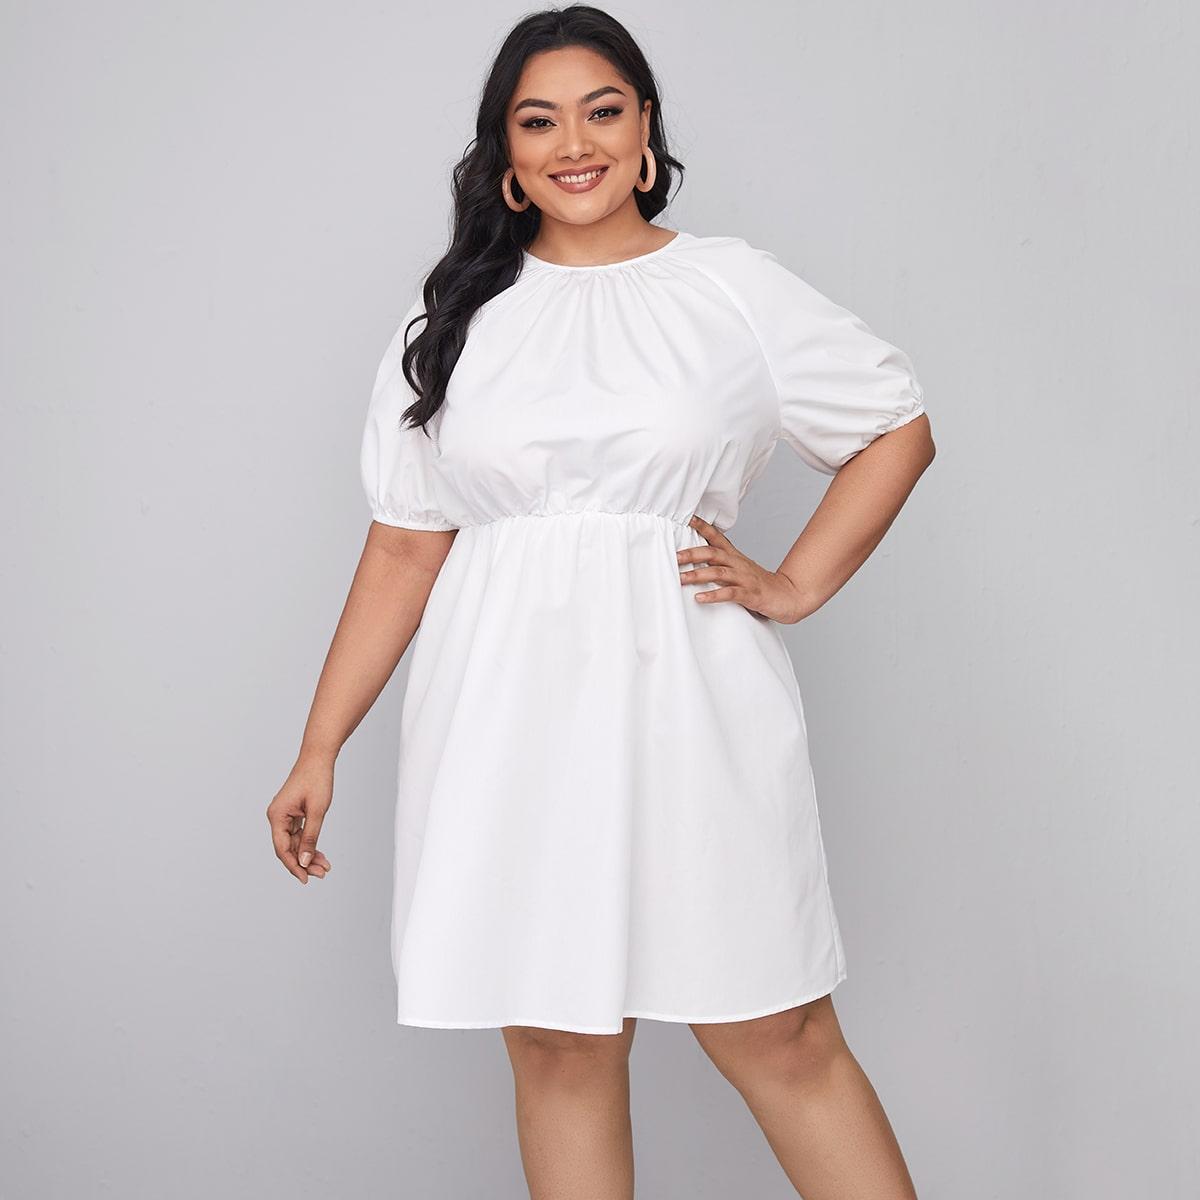 Однотонное платье размера плюс с пышными рукавами